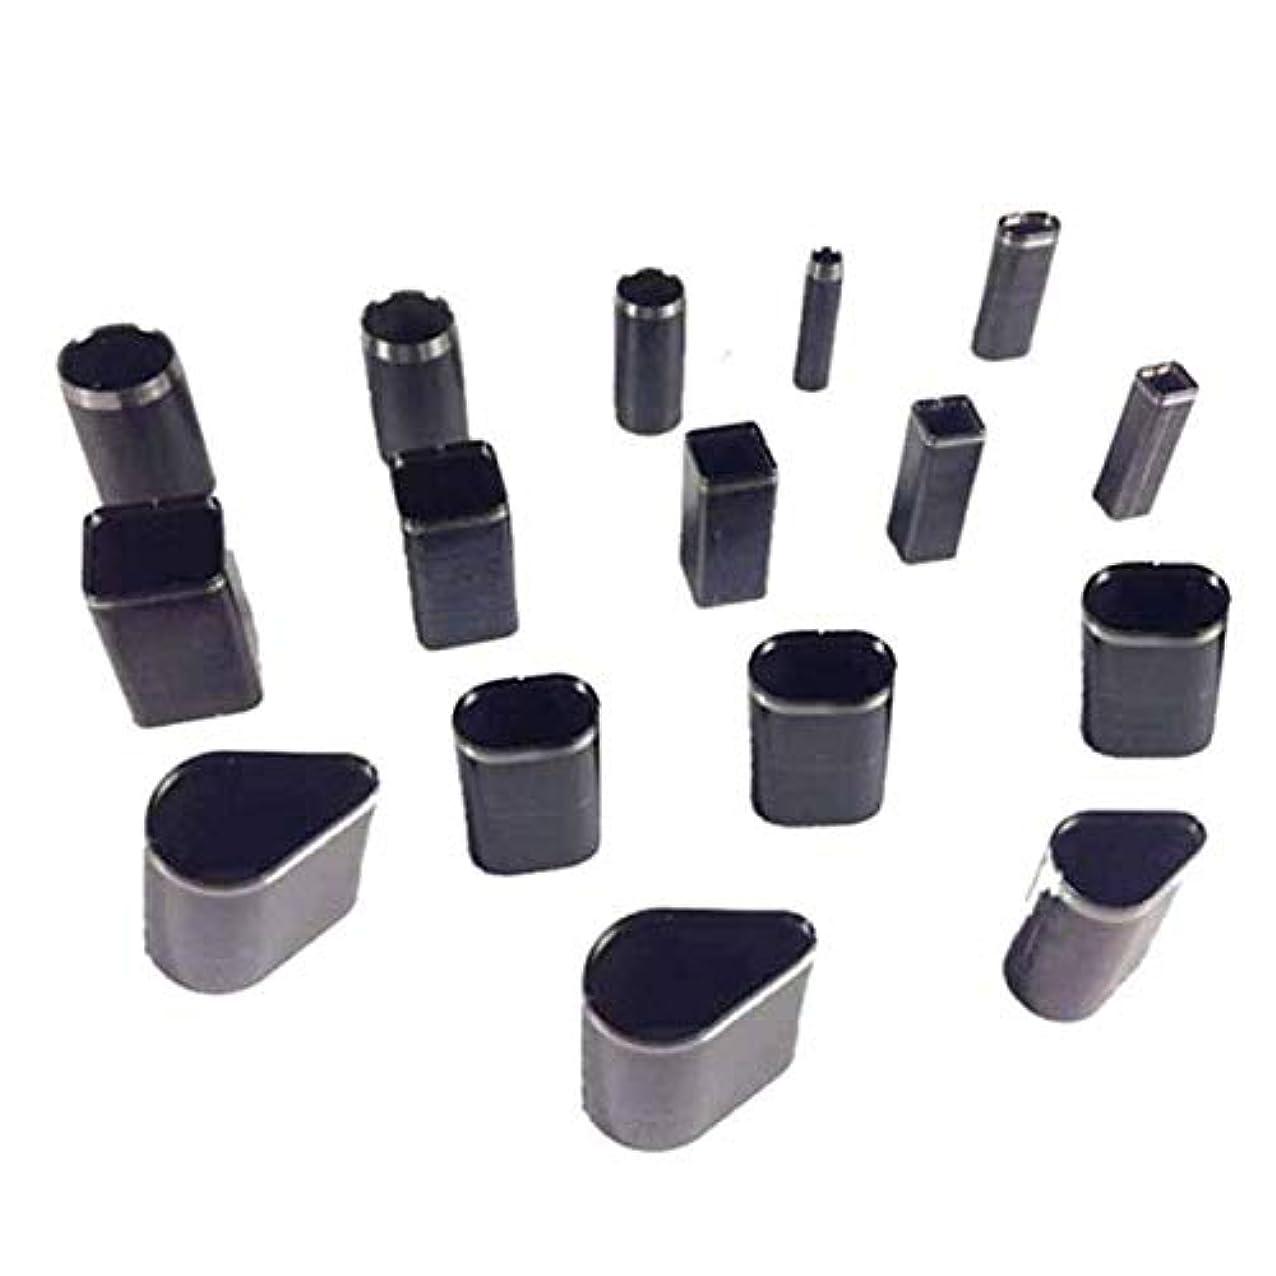 役職プレゼンター続けるCUHAWUDBA 革切削工具 16個の型 穴 中空パンチカッターセット 革クラフトDiyツール ハンドメイドジェネリック用